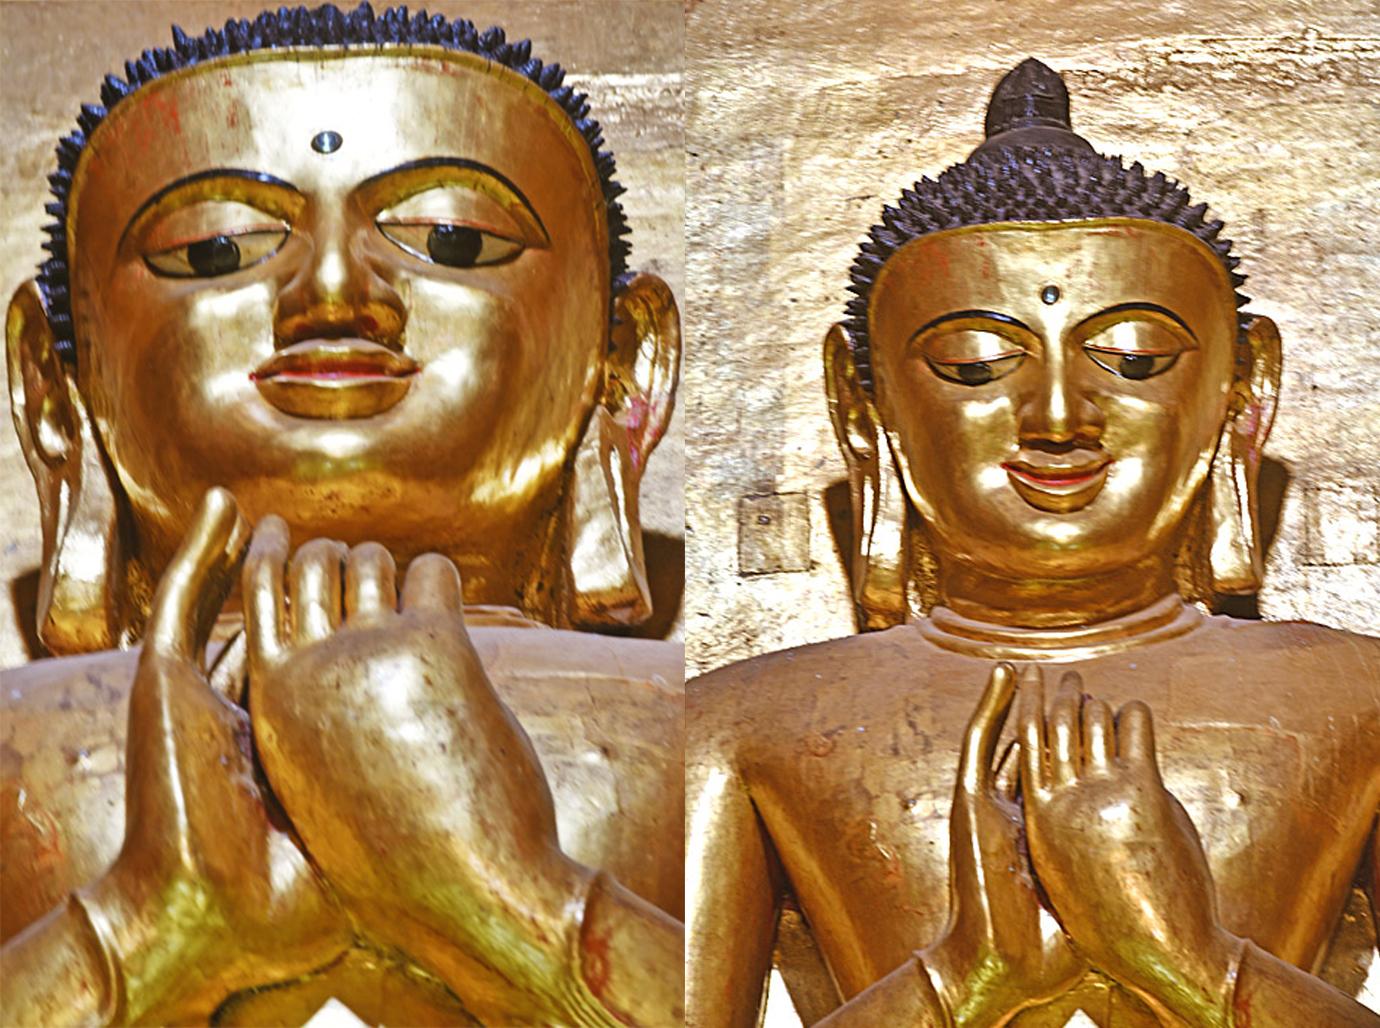 站在近處(左)與遠處(右)見到的不同表情的迦葉佛像。